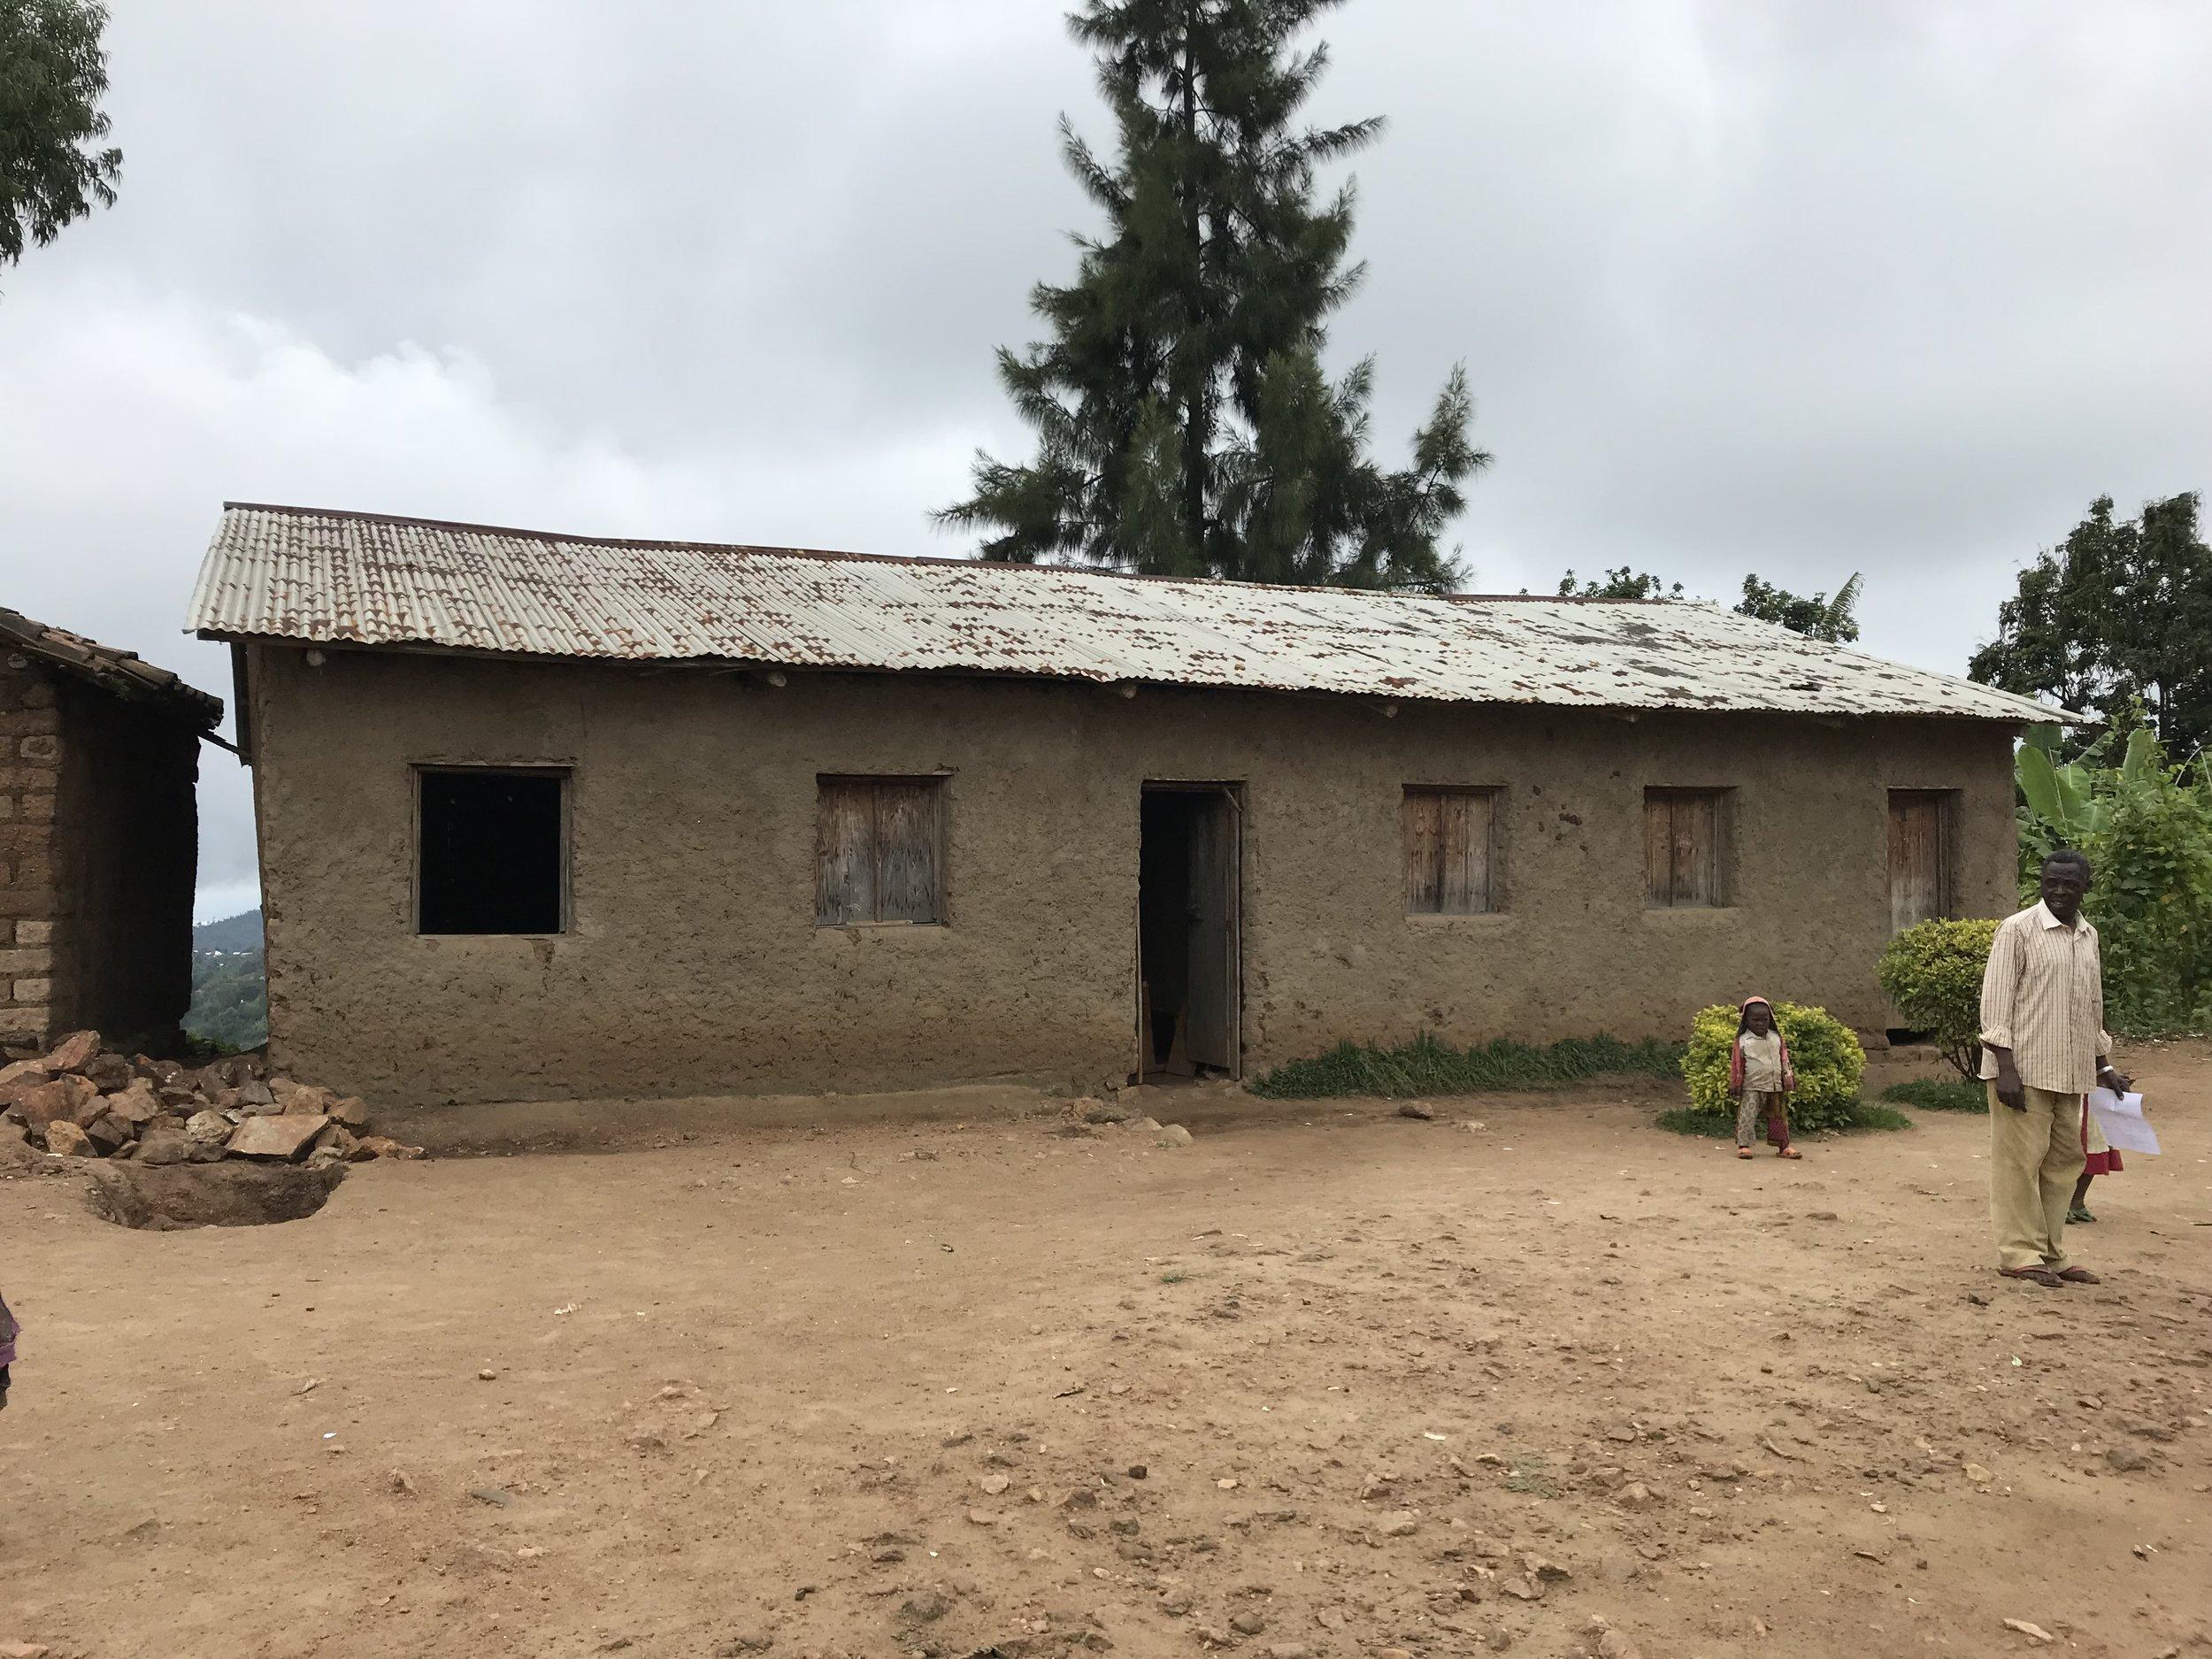 Pre-existing nursery school